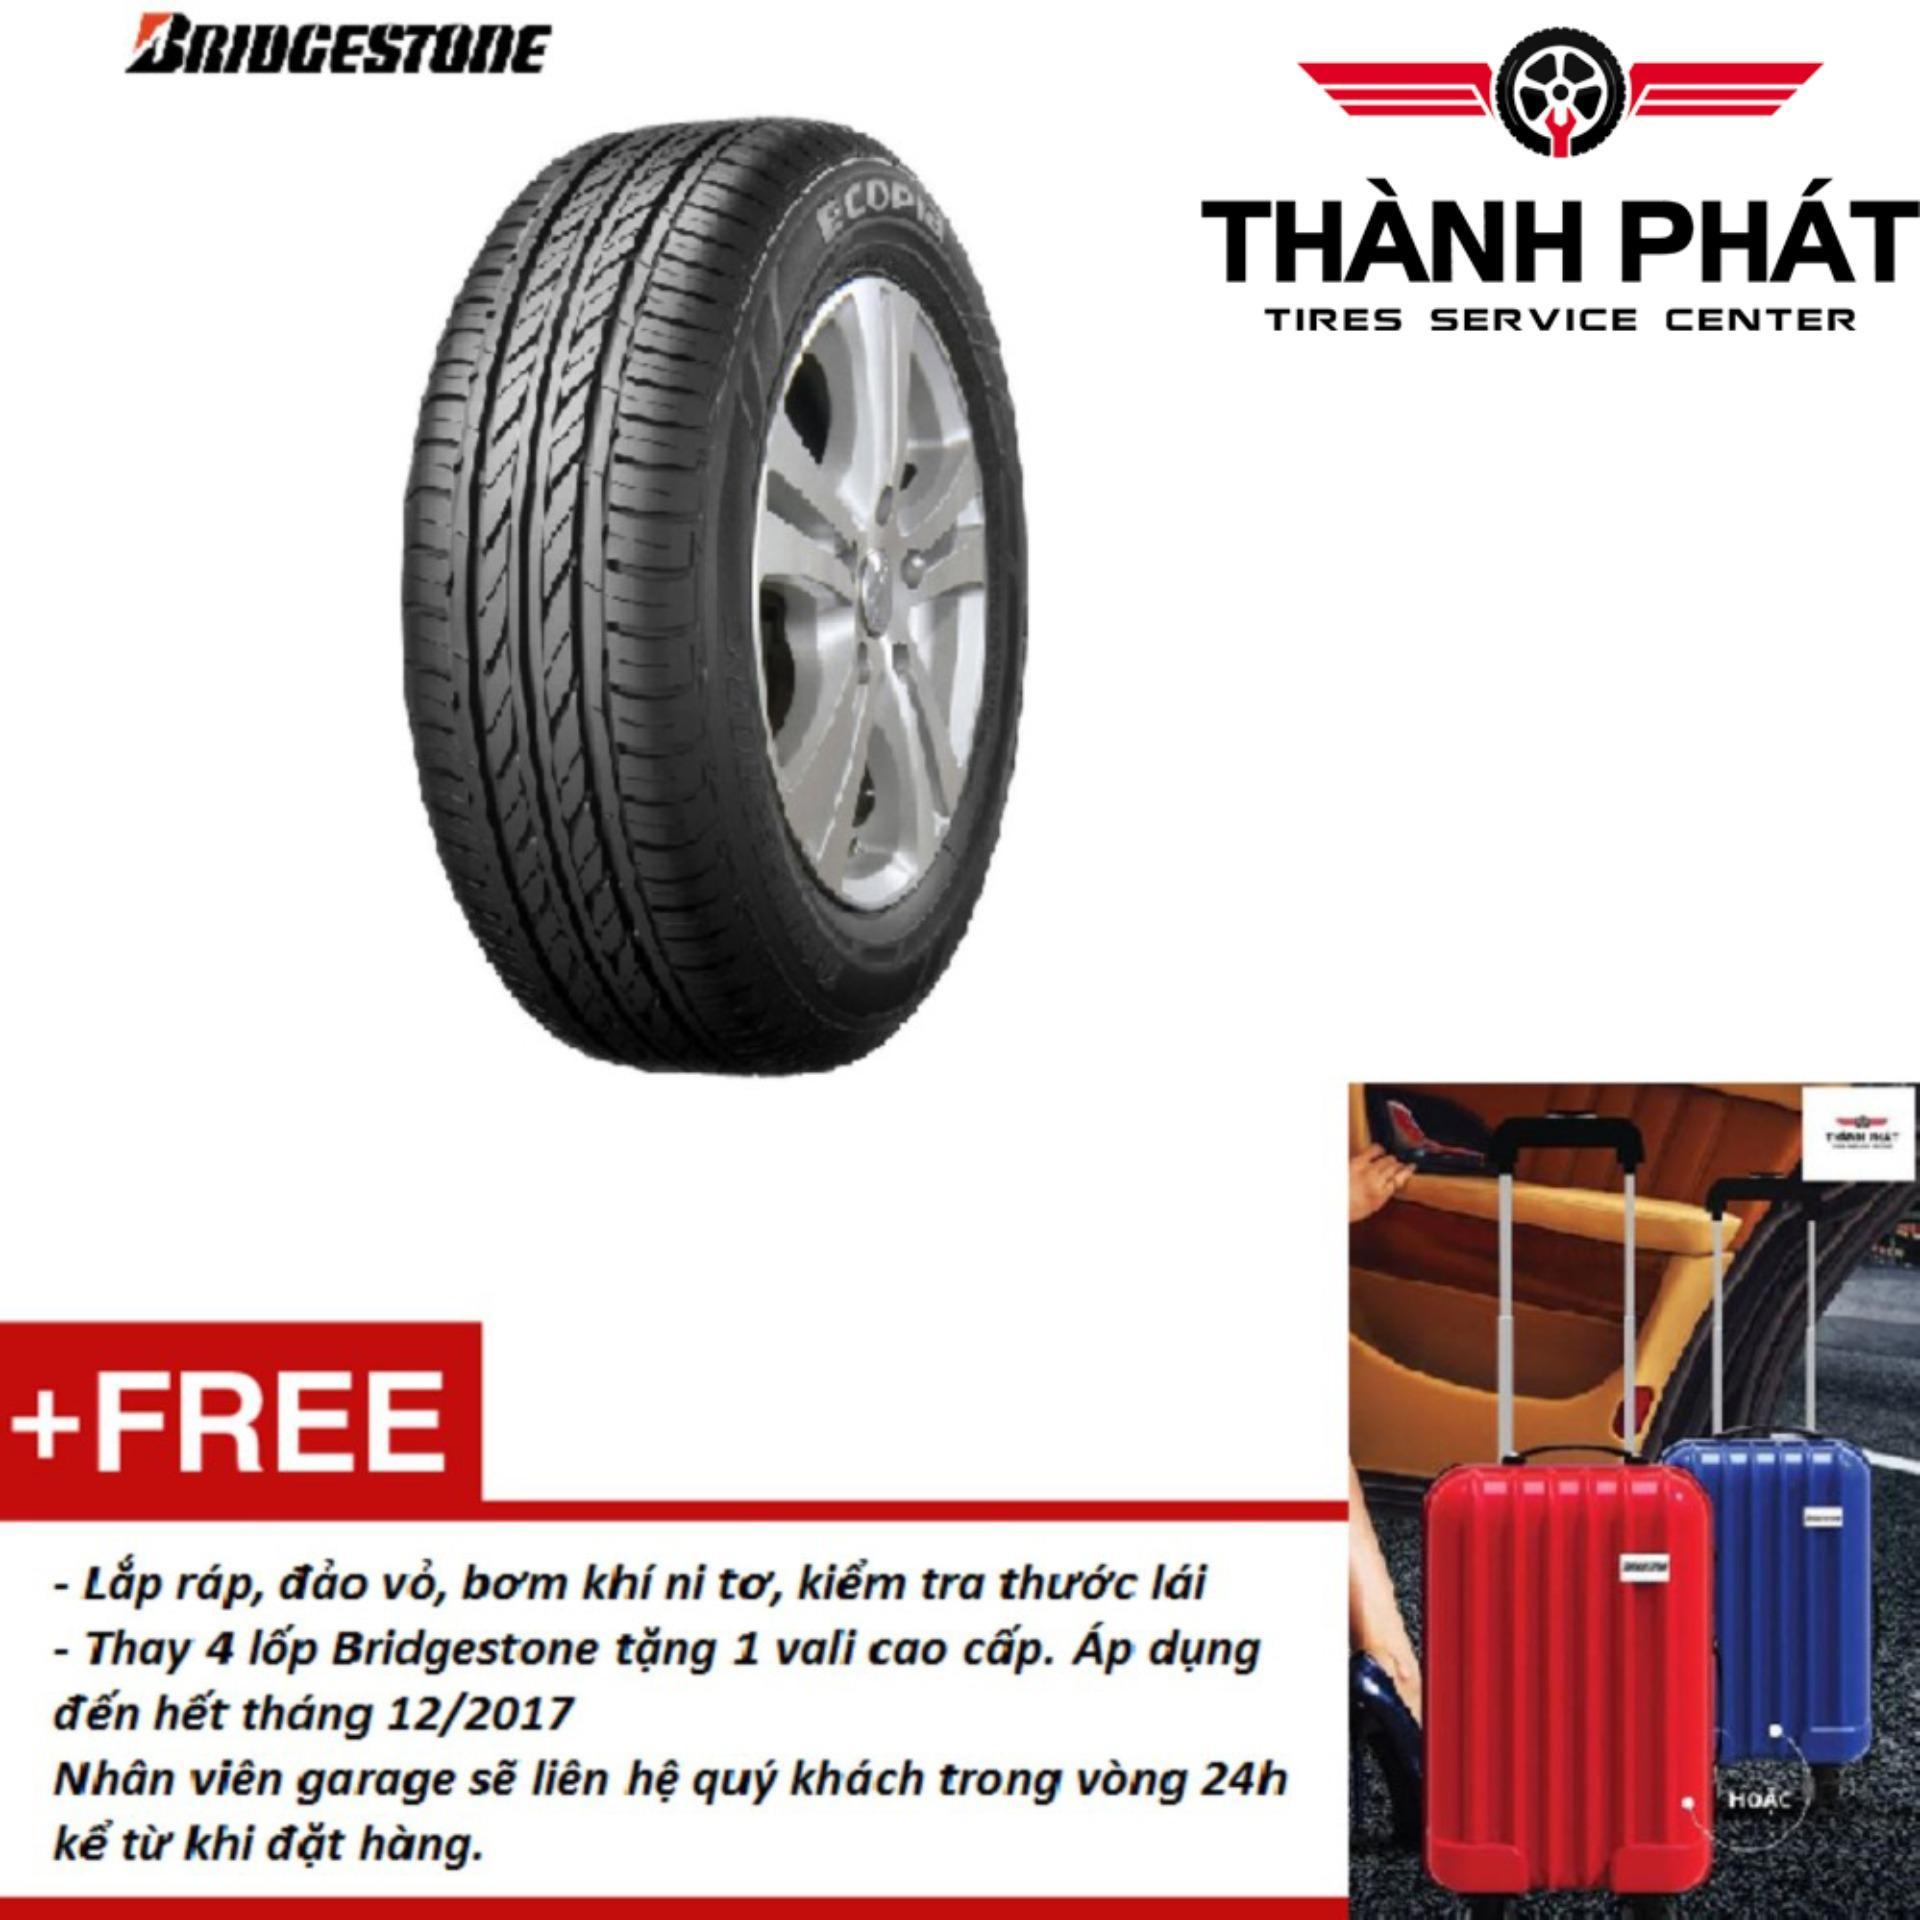 Lốp xe ô tô Bridgestone Ecopia 195/65R14 Miễn phí lắp đặt